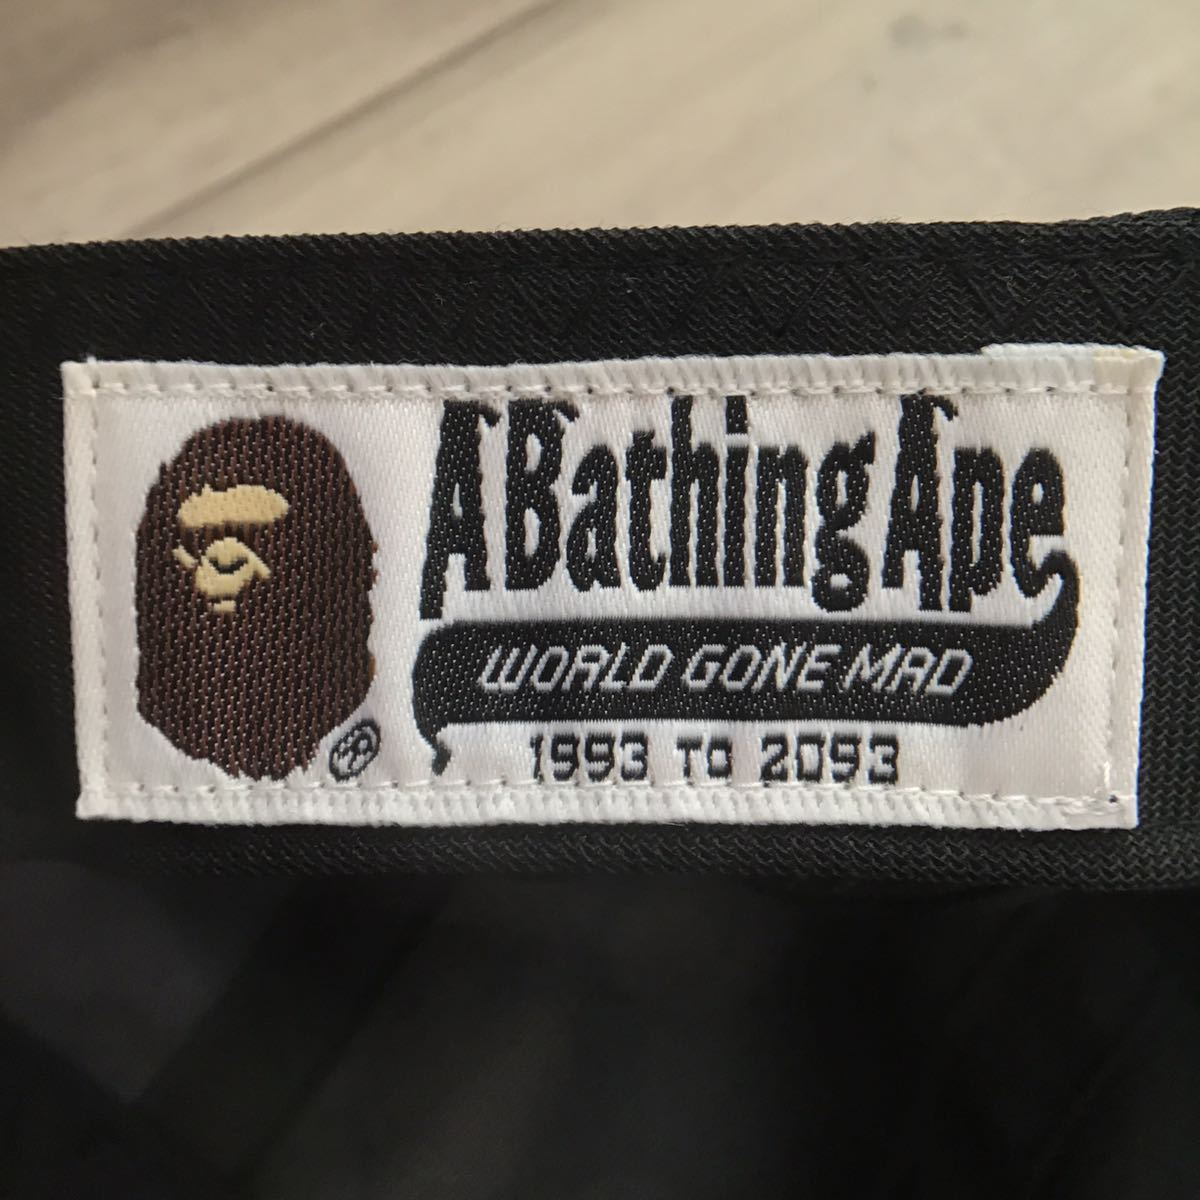 ★美品★ multi camo jet cap a bathing ape BAPE hat エイプ ベイプ アベイシングエイプ マルチカモ キャップ 迷彩 帽子 9982